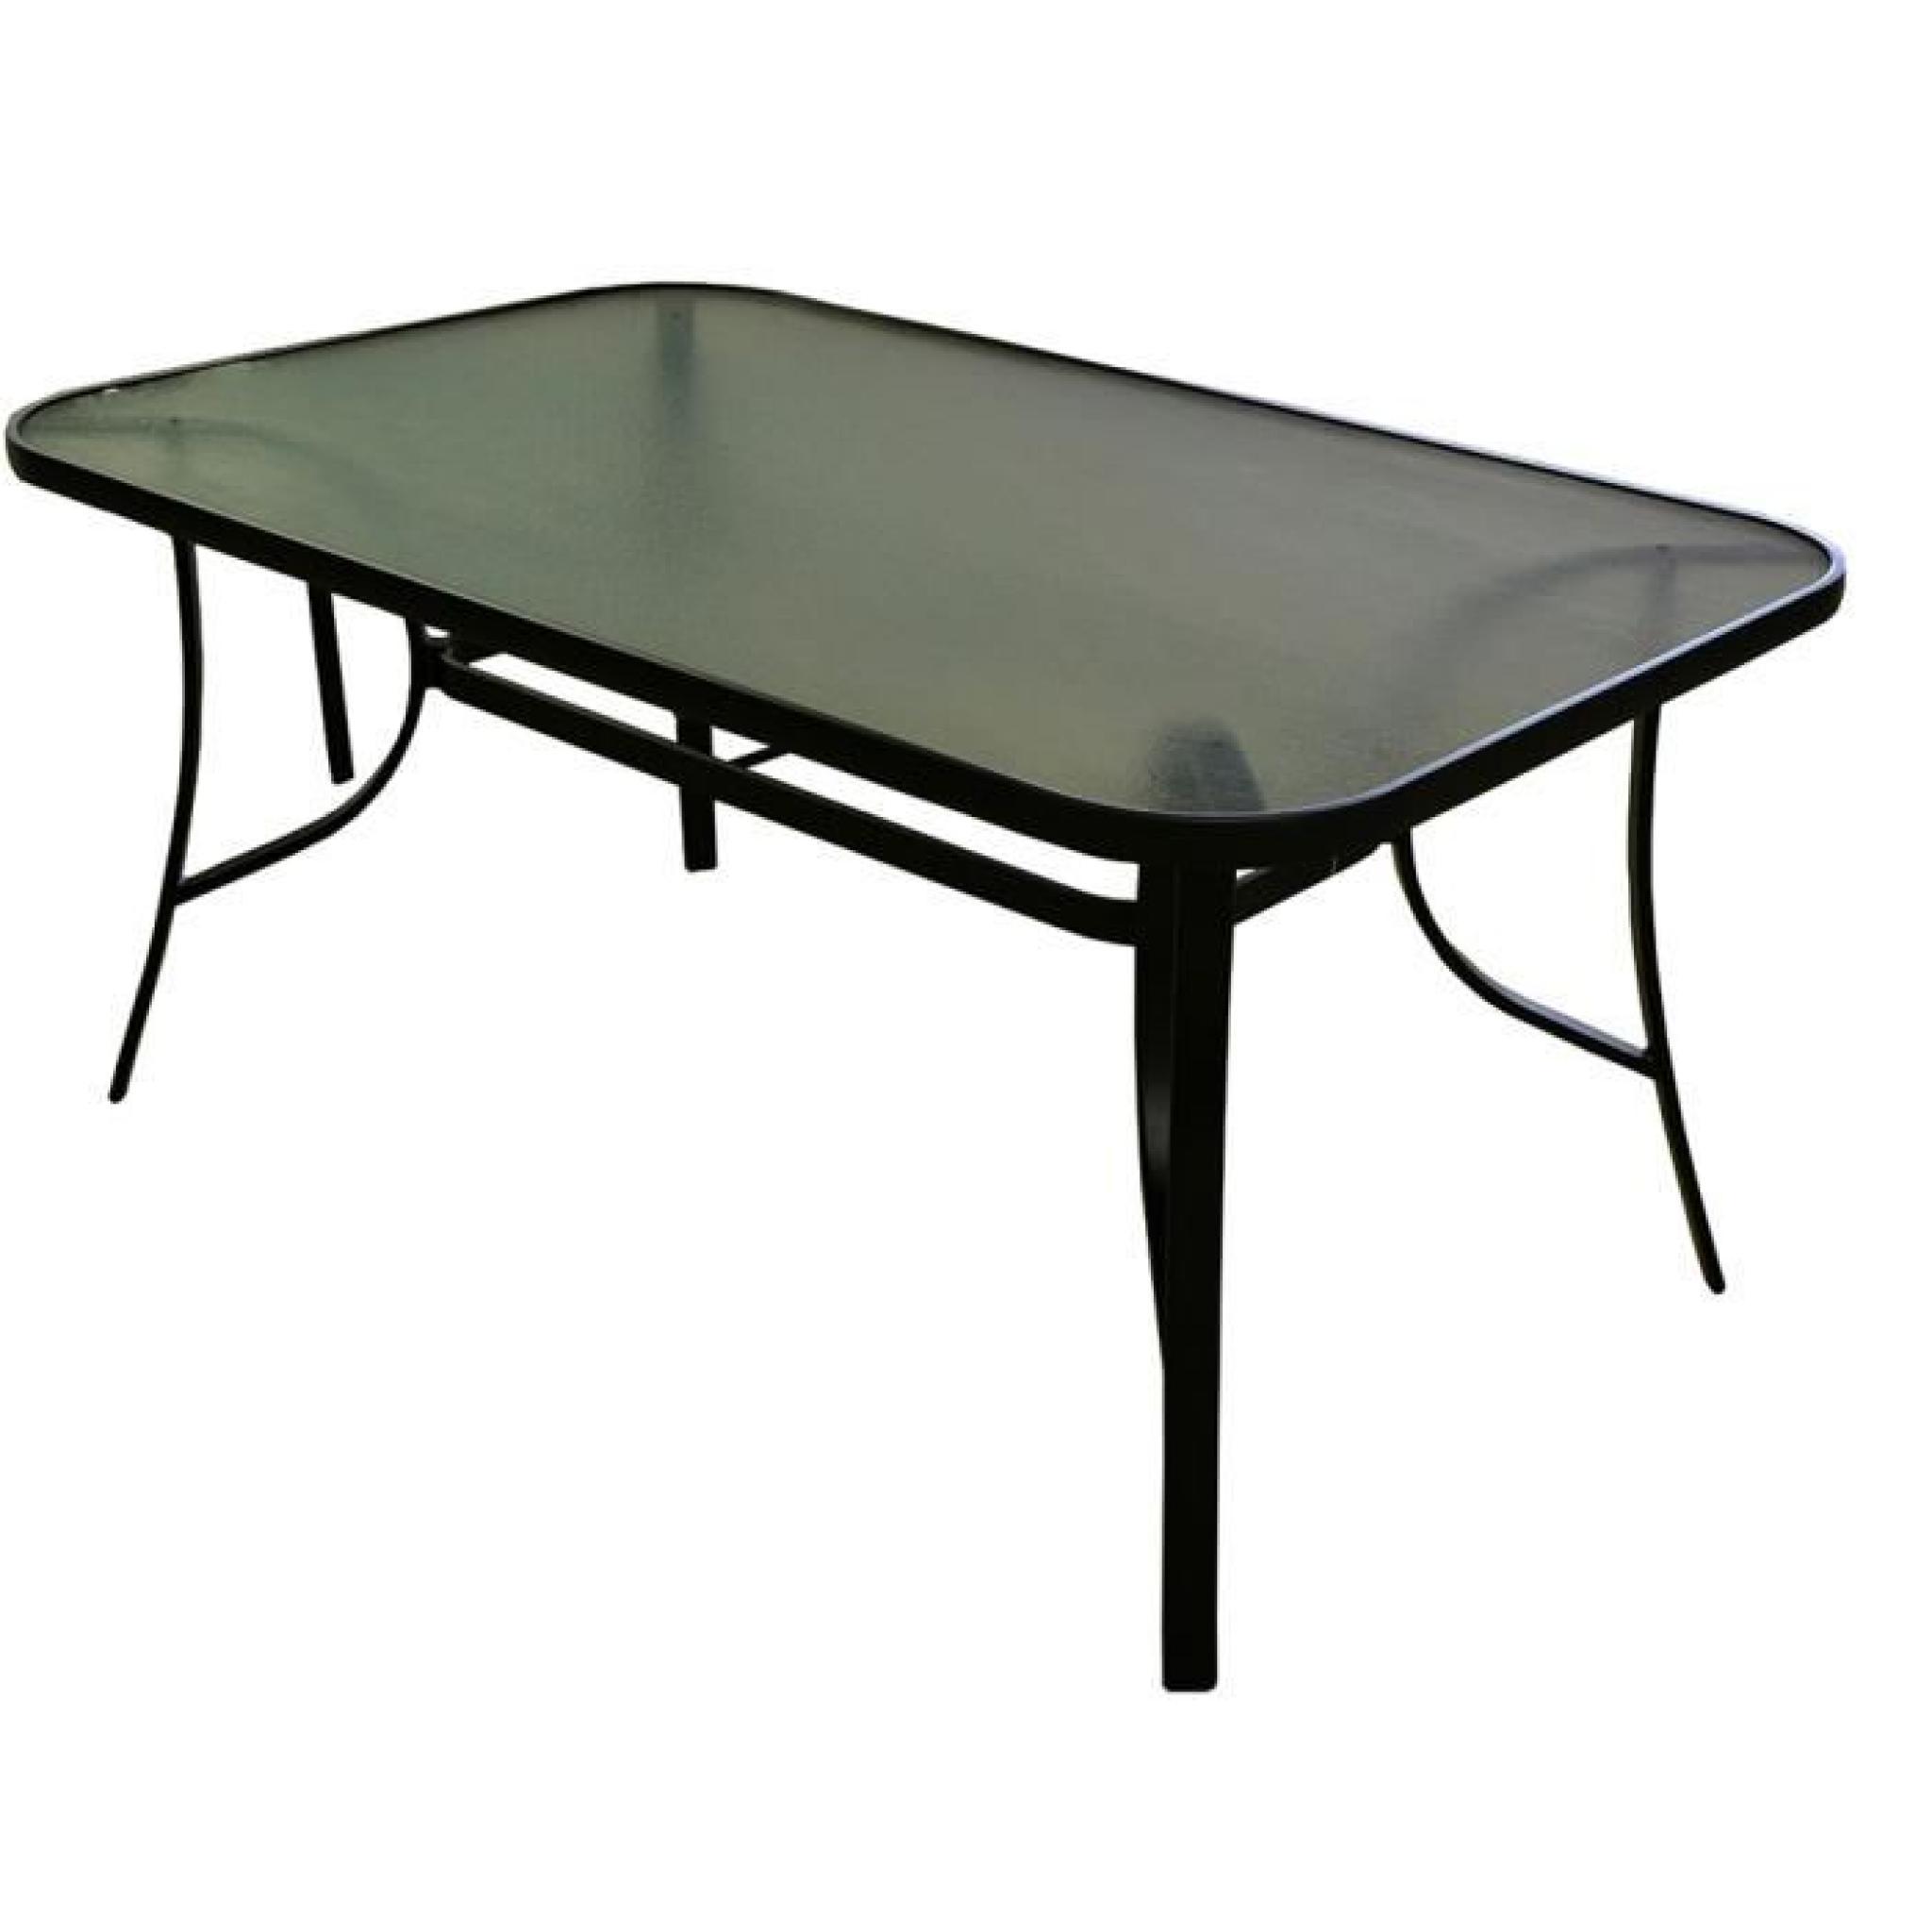 table en aluminium gris anthracite avec plateau en verre tremp translucide dim 72 x 153 x. Black Bedroom Furniture Sets. Home Design Ideas